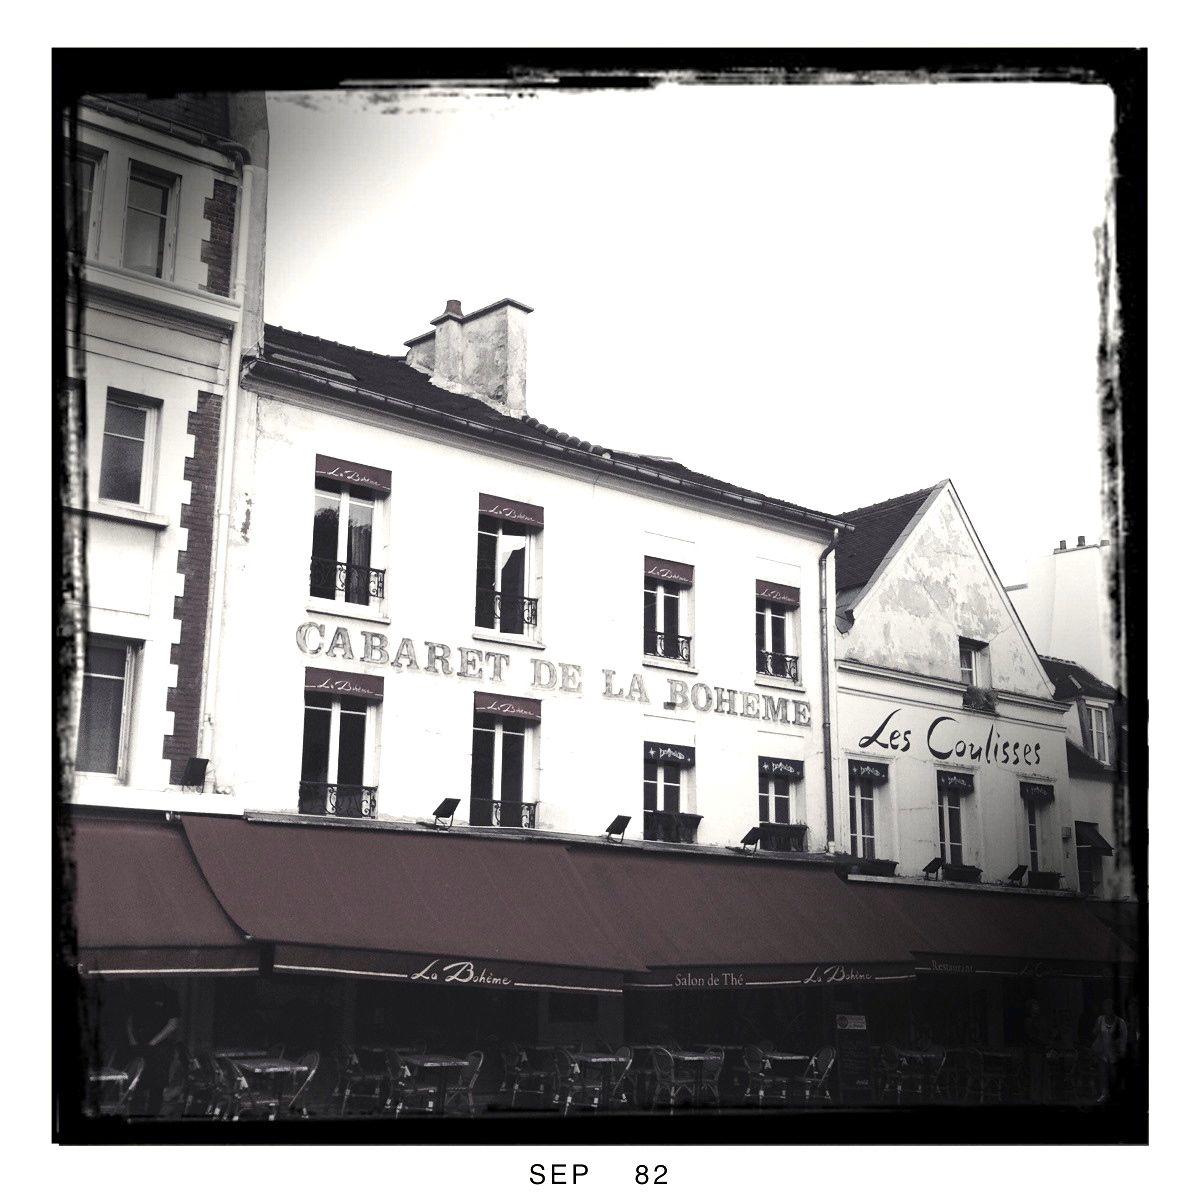 Der Montmartre: Freilichtmuseum in frühmorgendlichem Ruhezustand